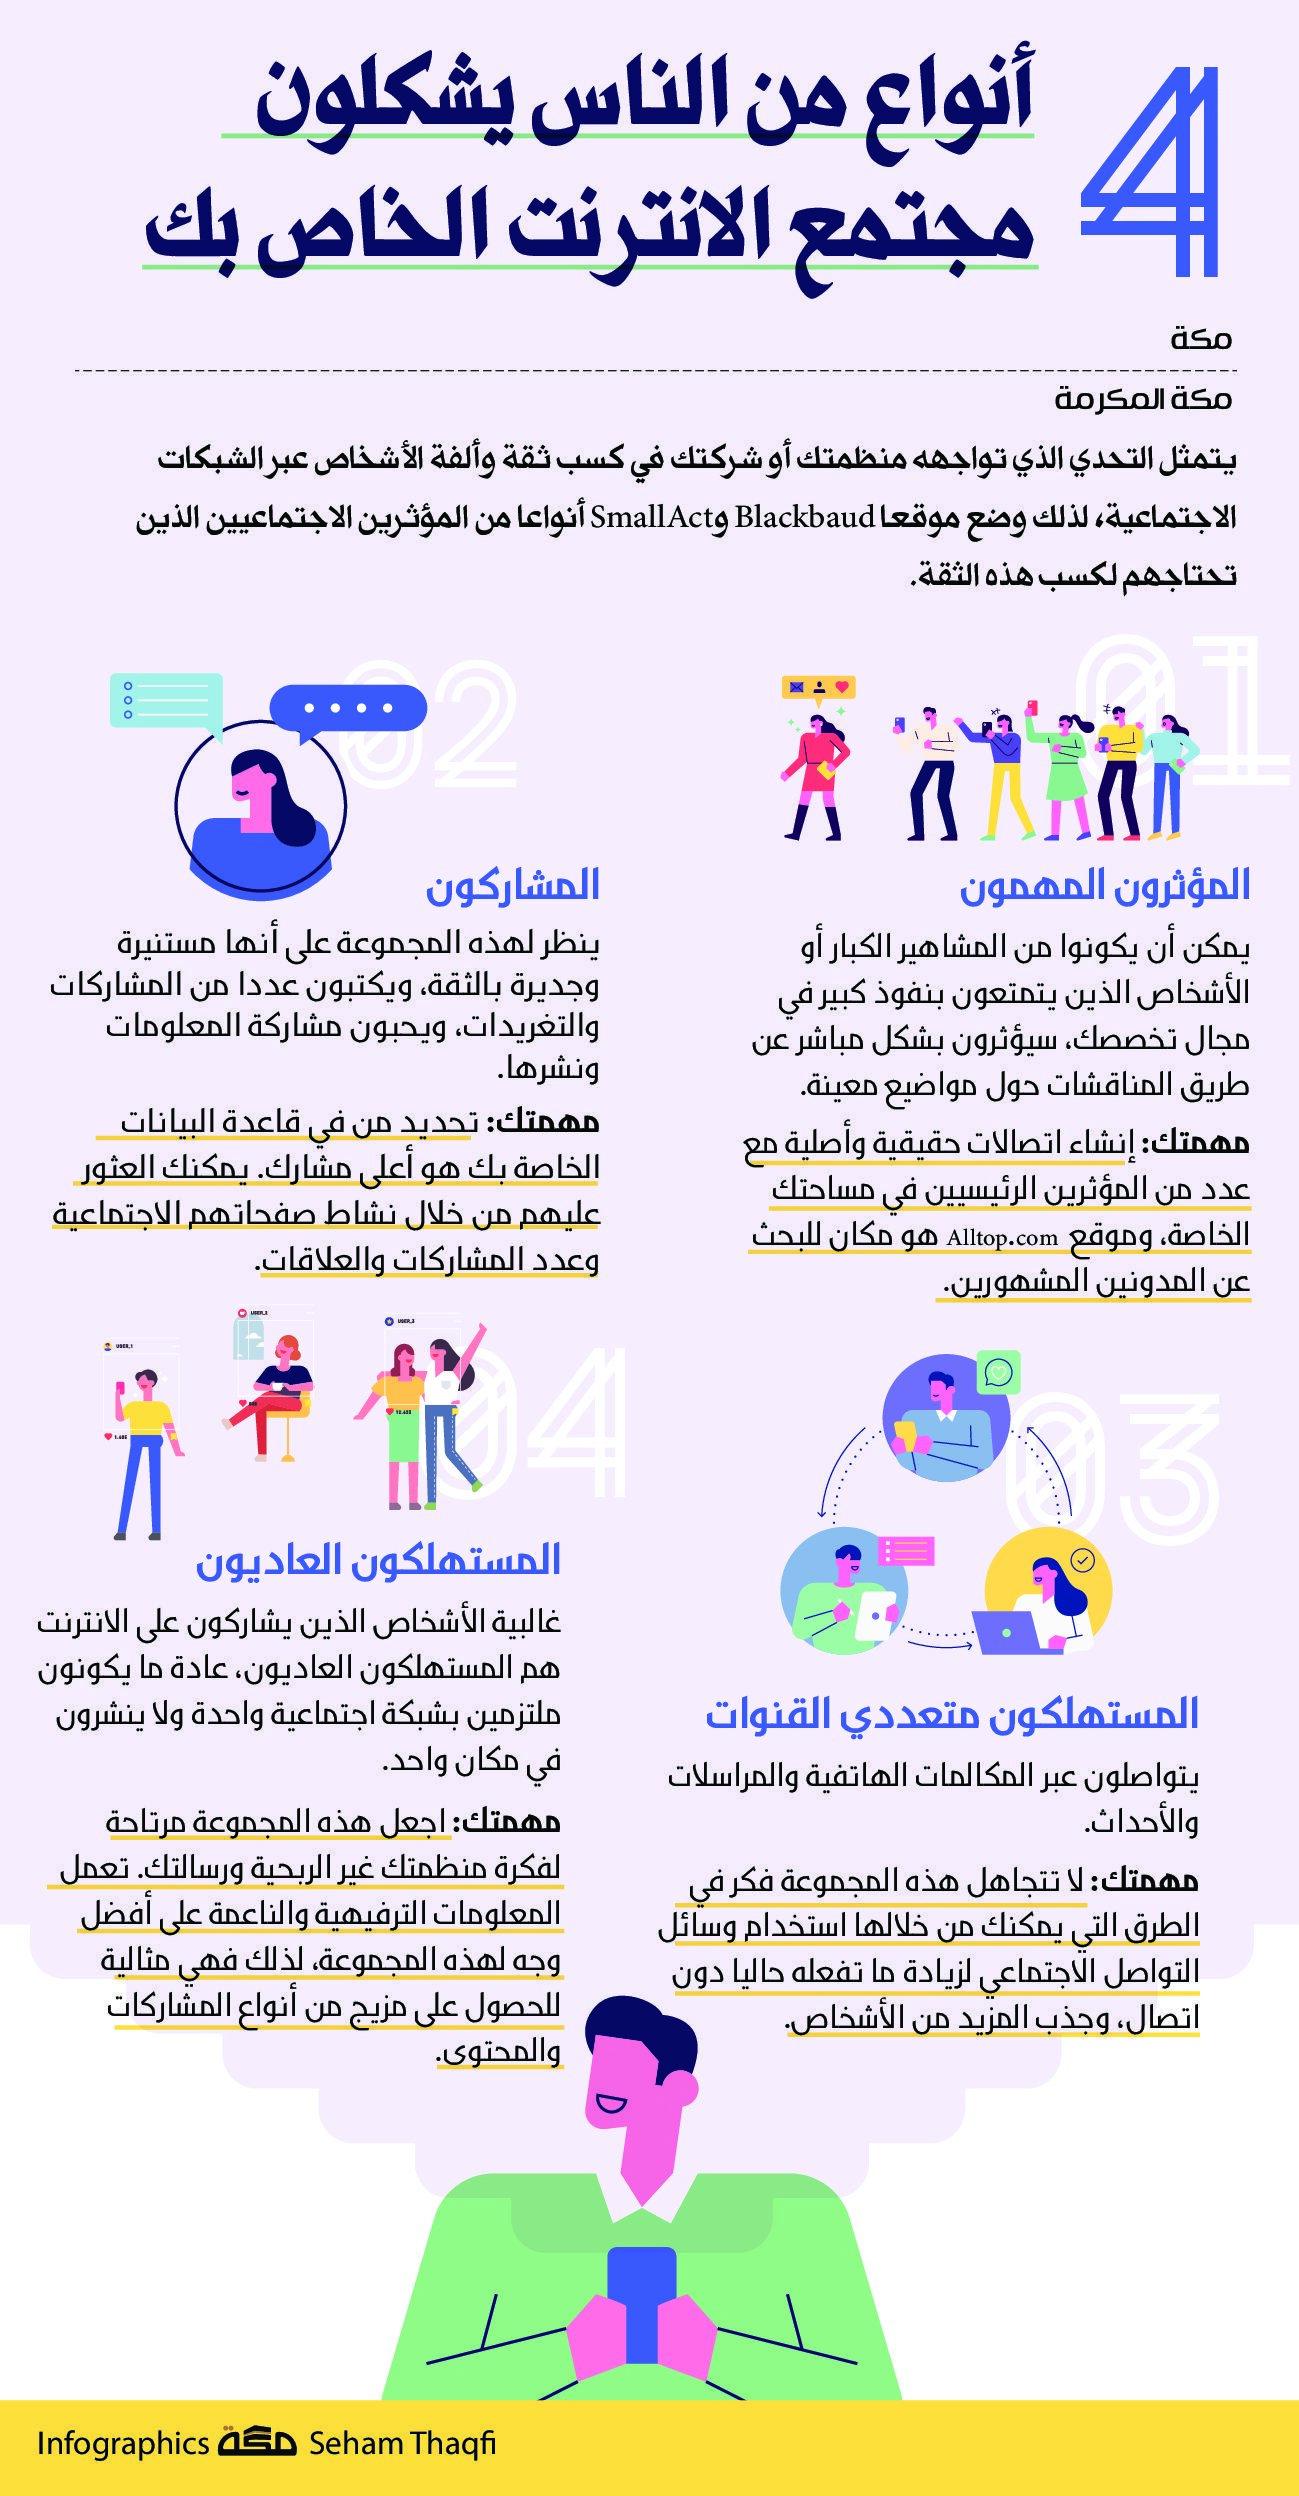 4 أنواع من الناس يشكلون مجتمع الانترنت الخاص بك صحيفة مكة انفوجرافيك تقنية Infographic Map Asos